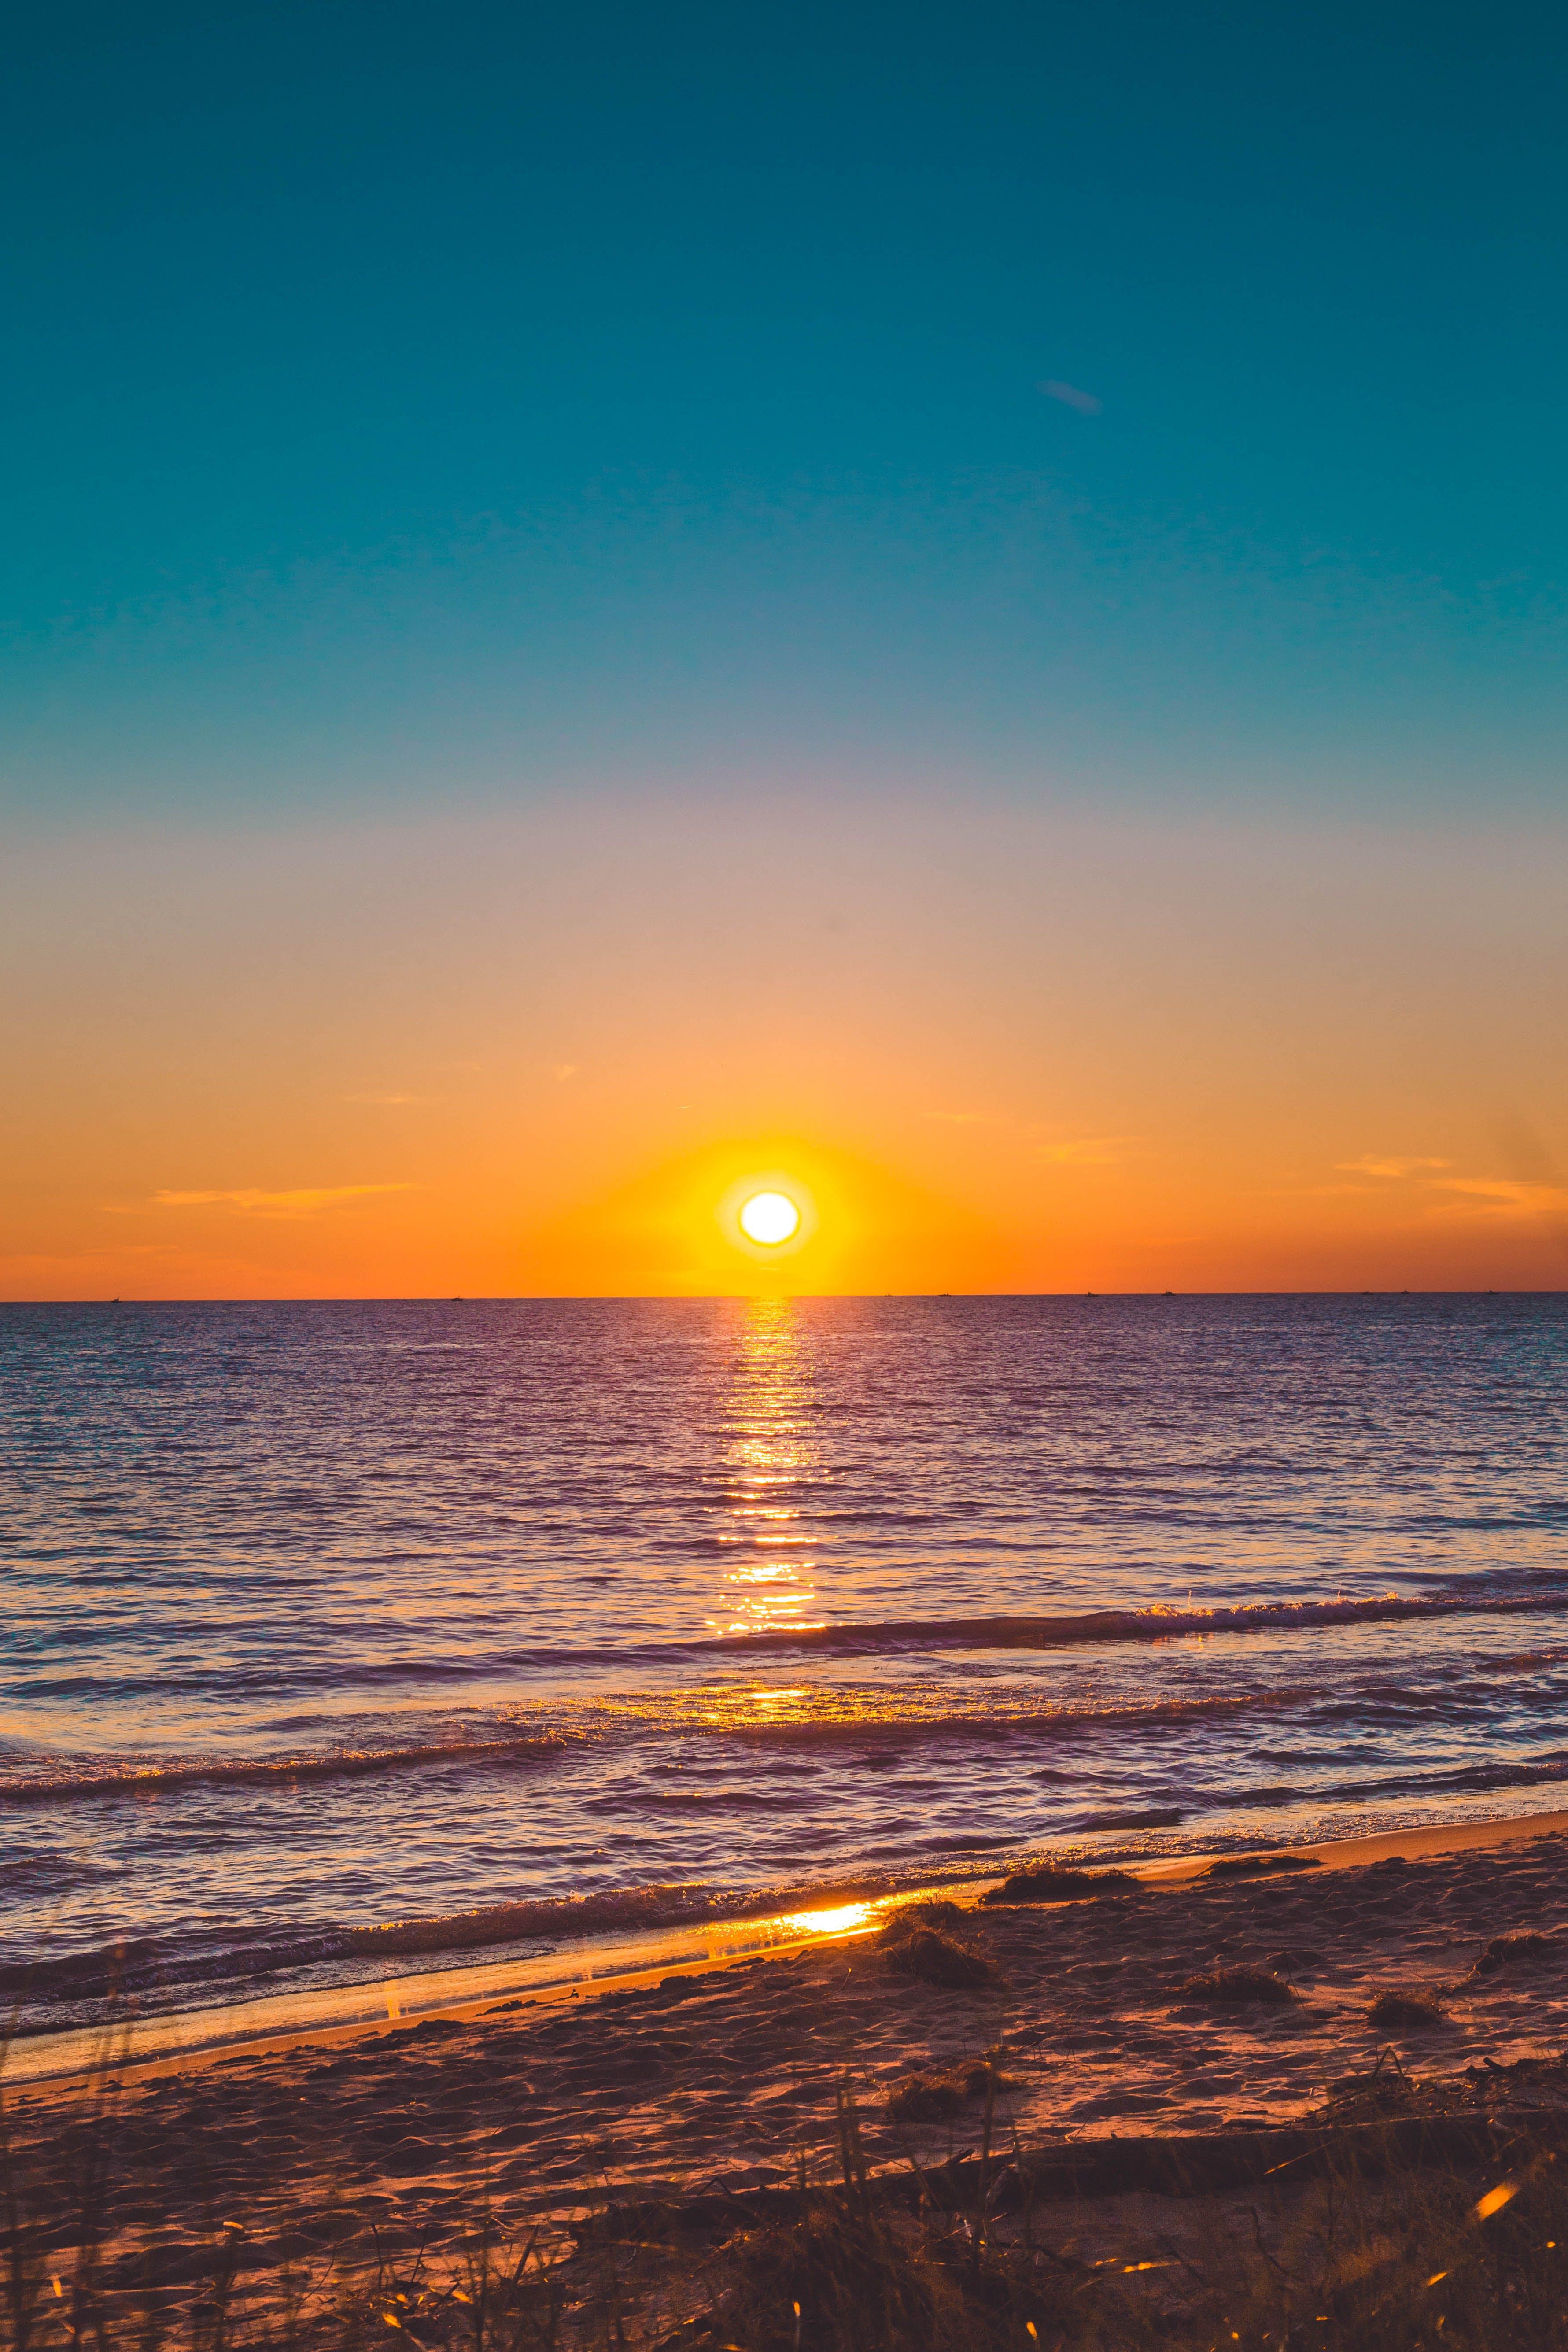 Kostenloses Stock Foto zu abend, meer, meeresküste, ozean